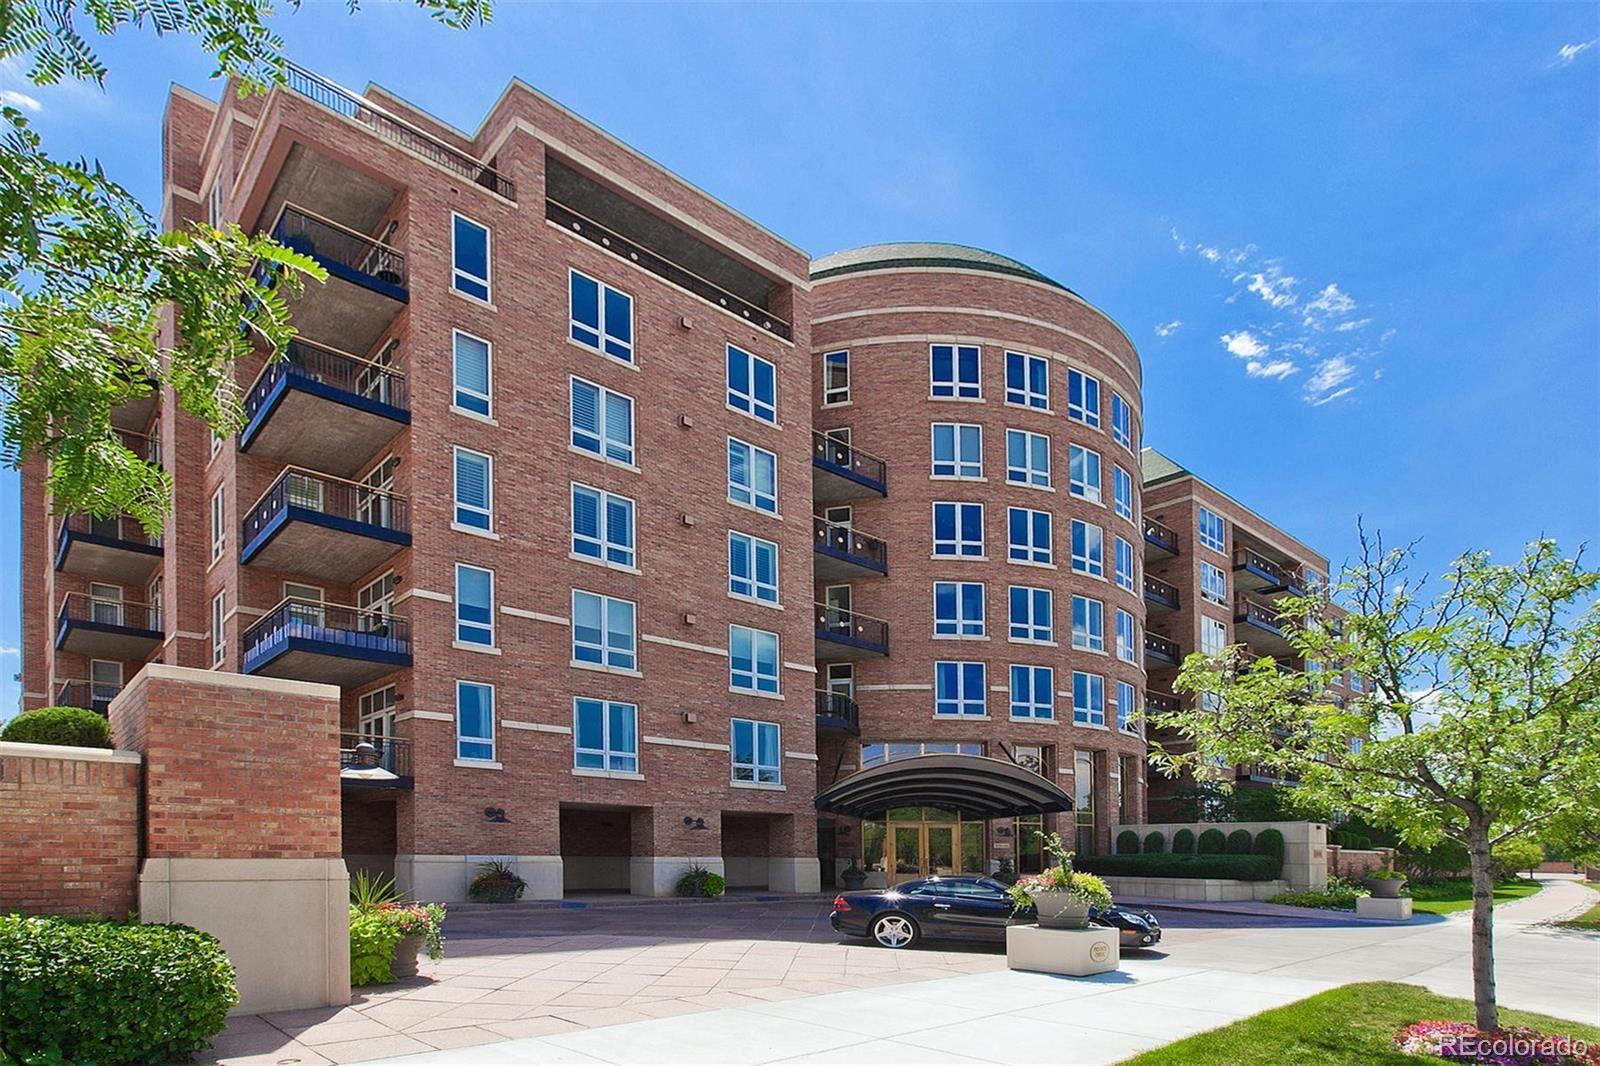 2400 E Cherry Creek South Drive  302 #302, Denver, CO 80209 - MLS#: 9158678